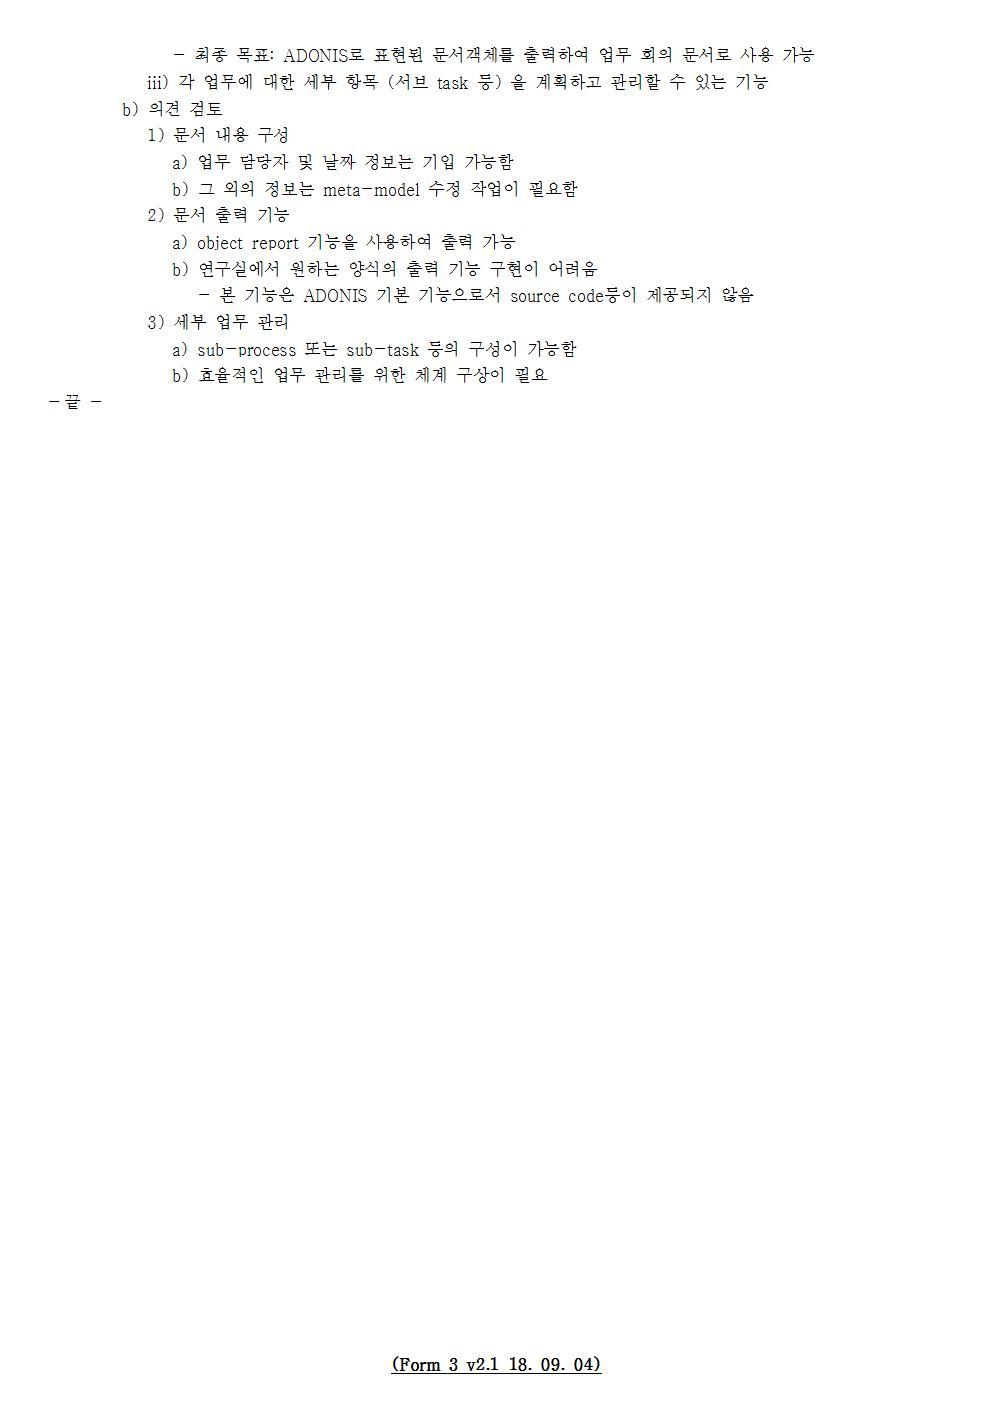 D-[19-027-RC-05]-[XMS]-[2019-04-25][YB]002.jpg